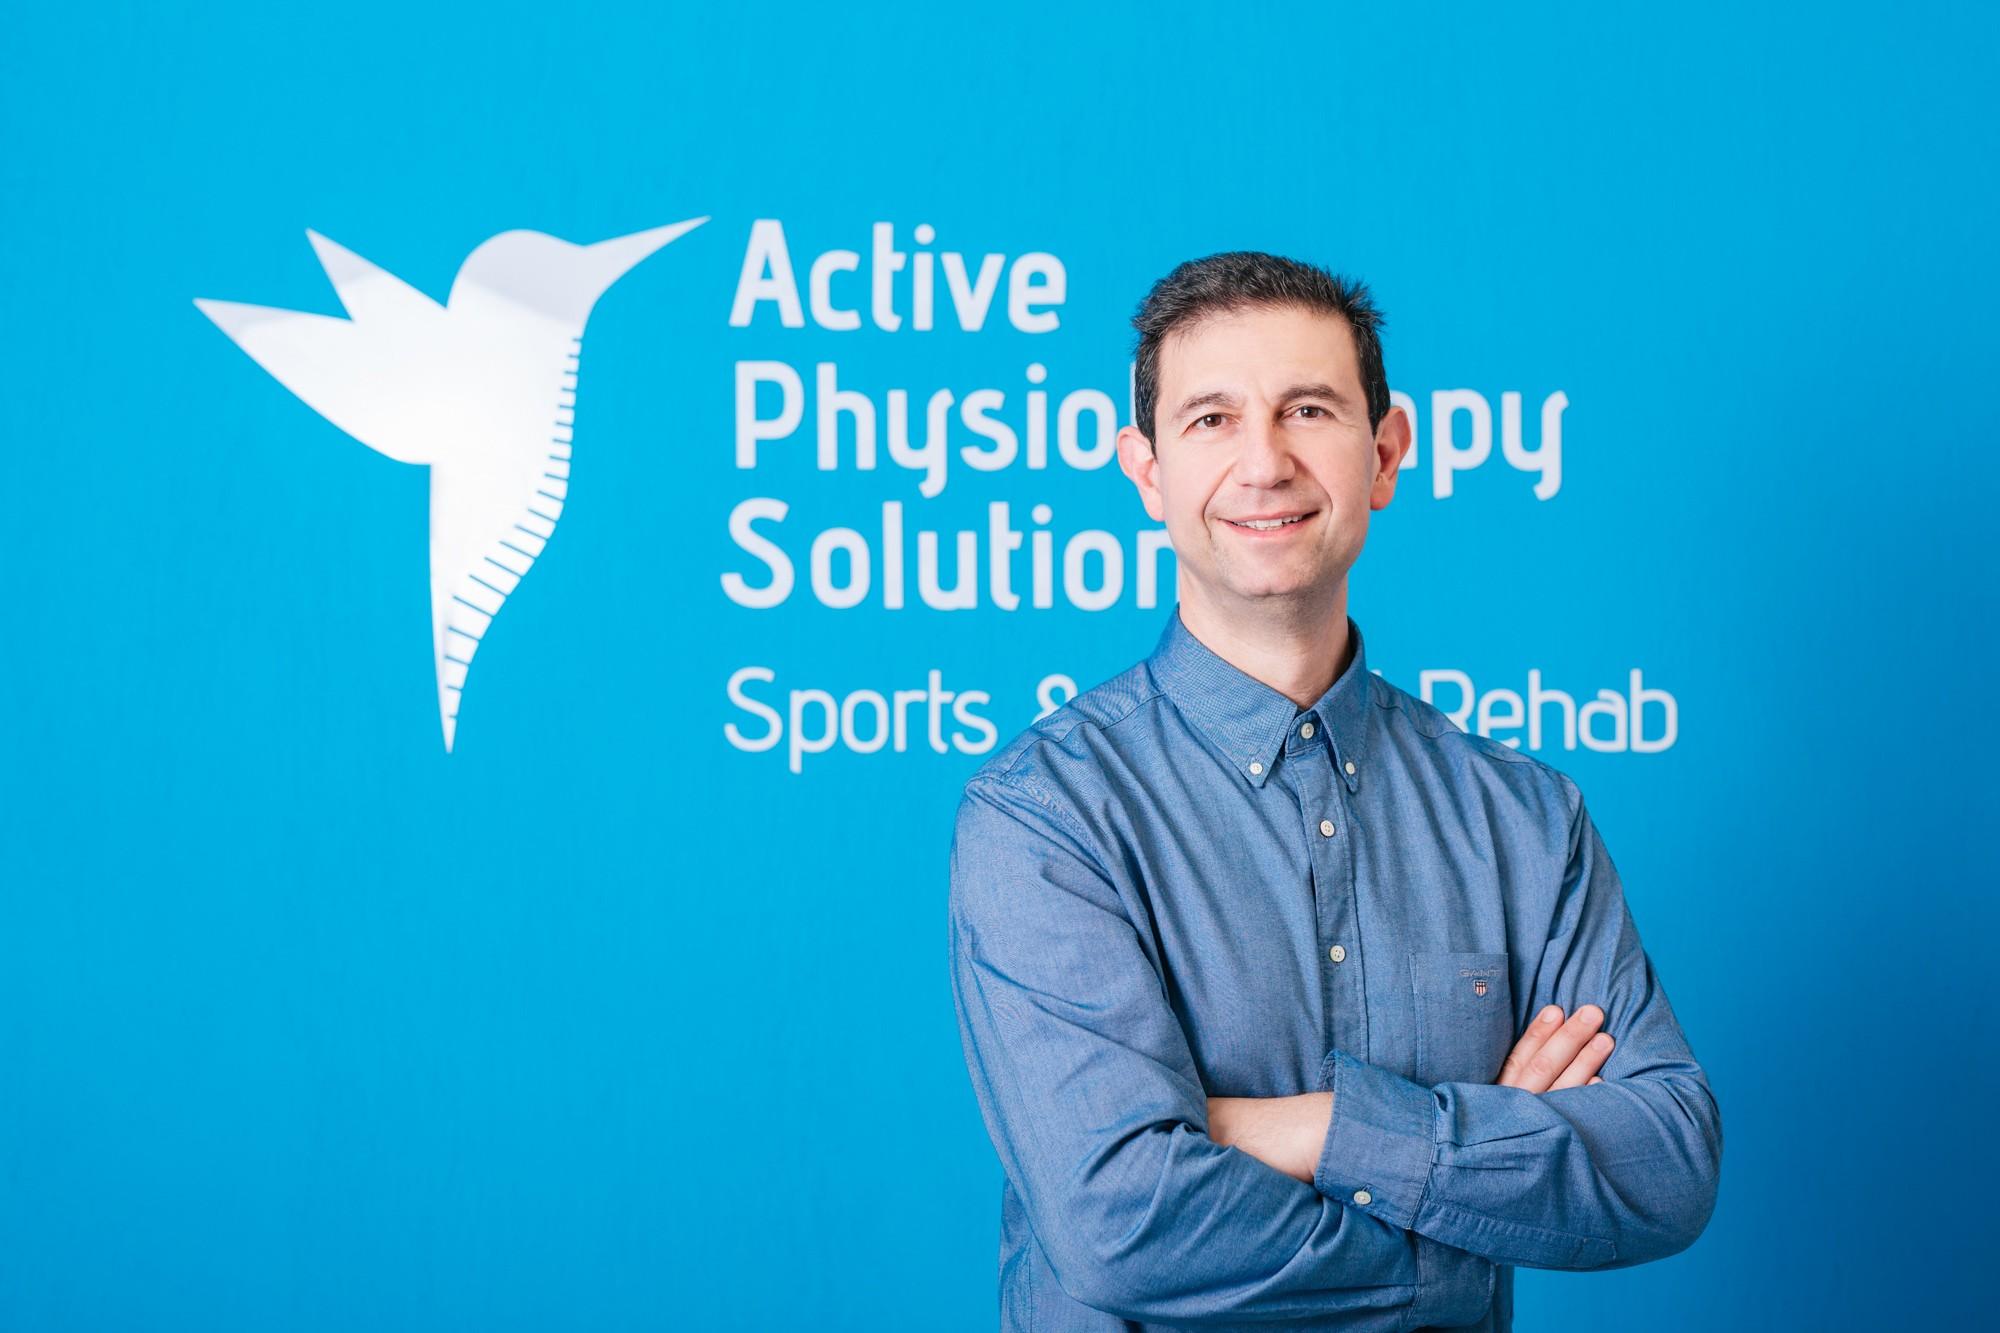 Διαφημιστική φωτογράφιση χώρου   Active Physiotherapy Solutions